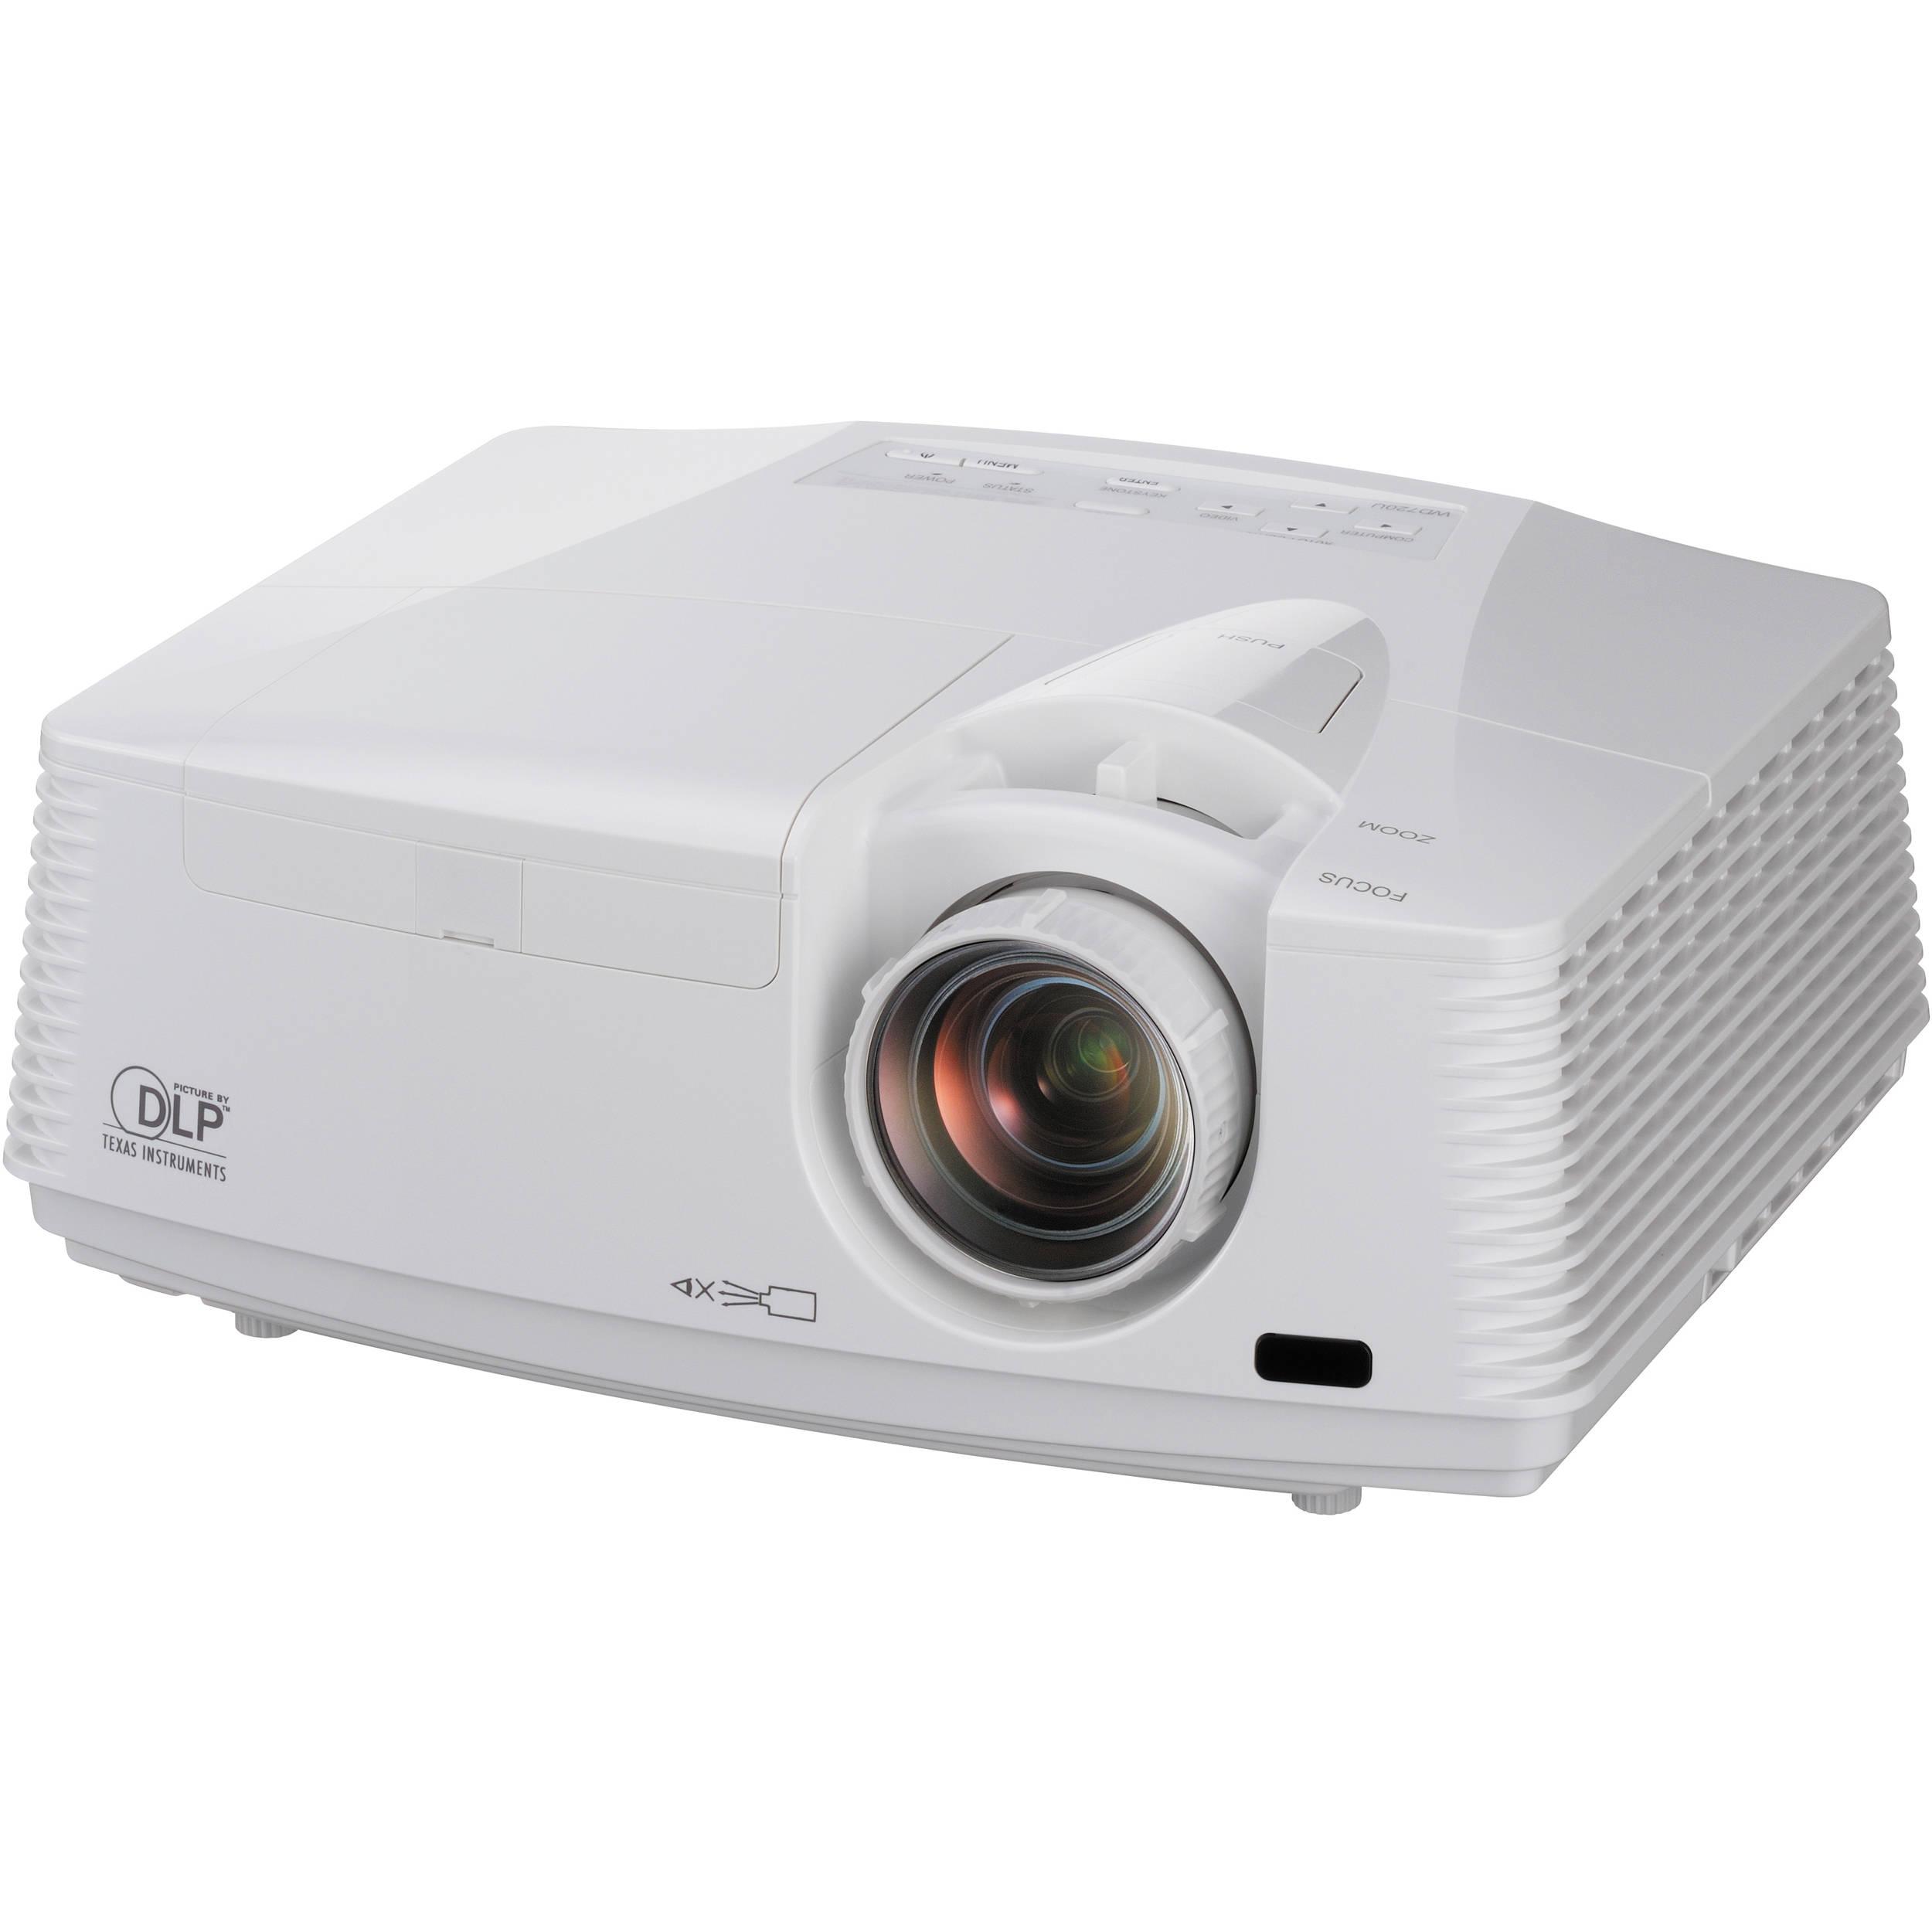 mitsubishi xd700u 700 series dlp multimedia projector xd700u b h rh bhphotovideo com Manual for Bolex 18-5 Projector Minotti M1000 LED Projector Manual